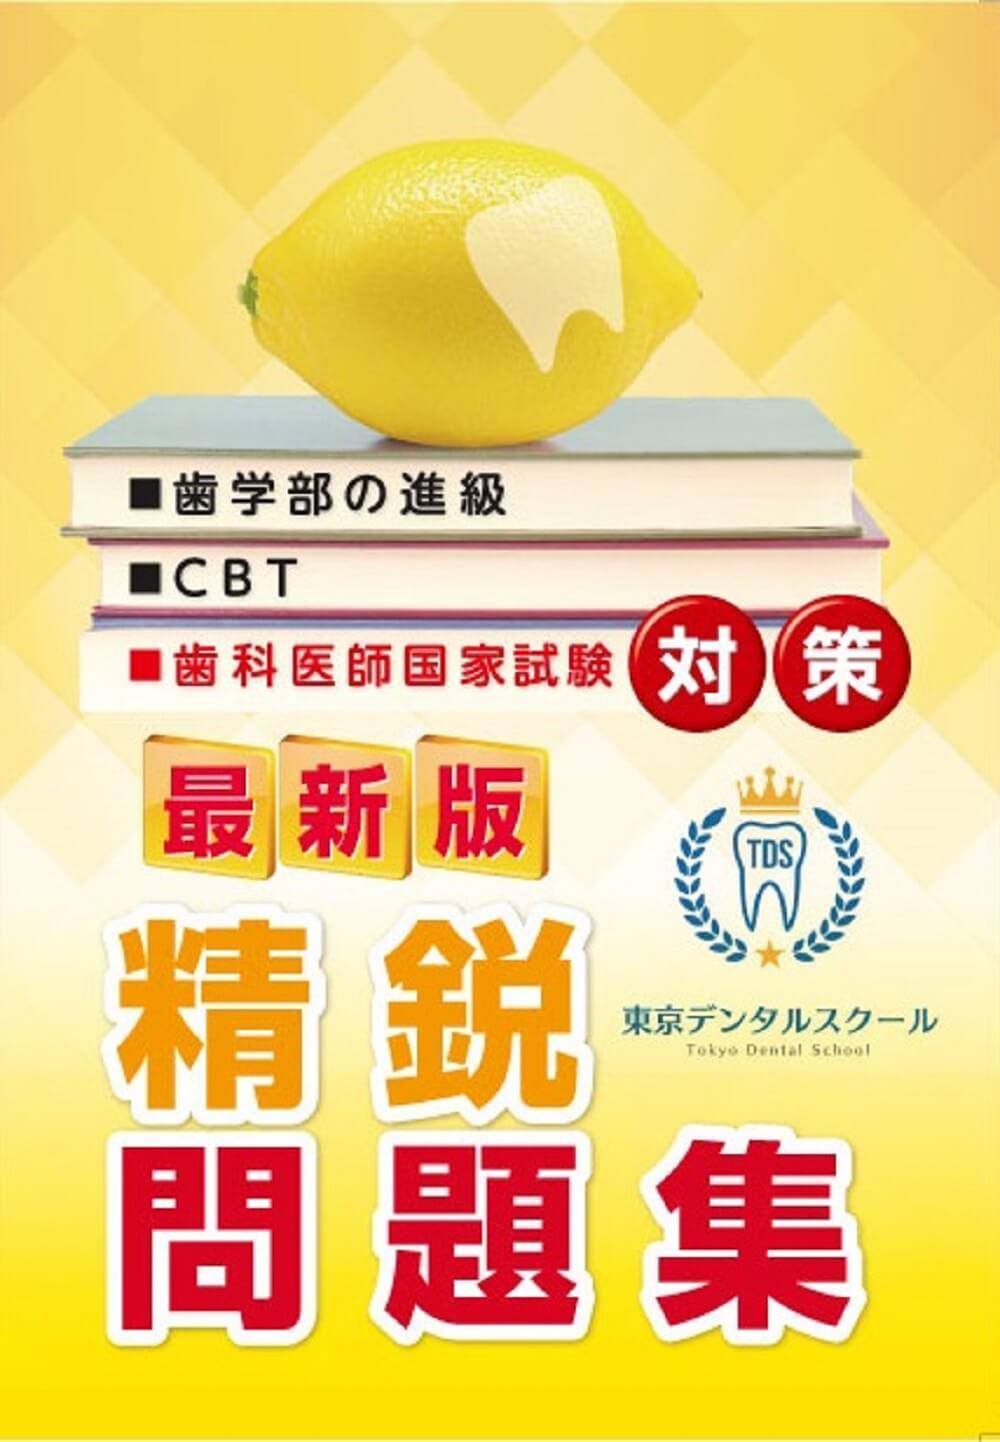 最新版 歯科医師国家試験対策 東京デンタルスクール 精鋭問題集